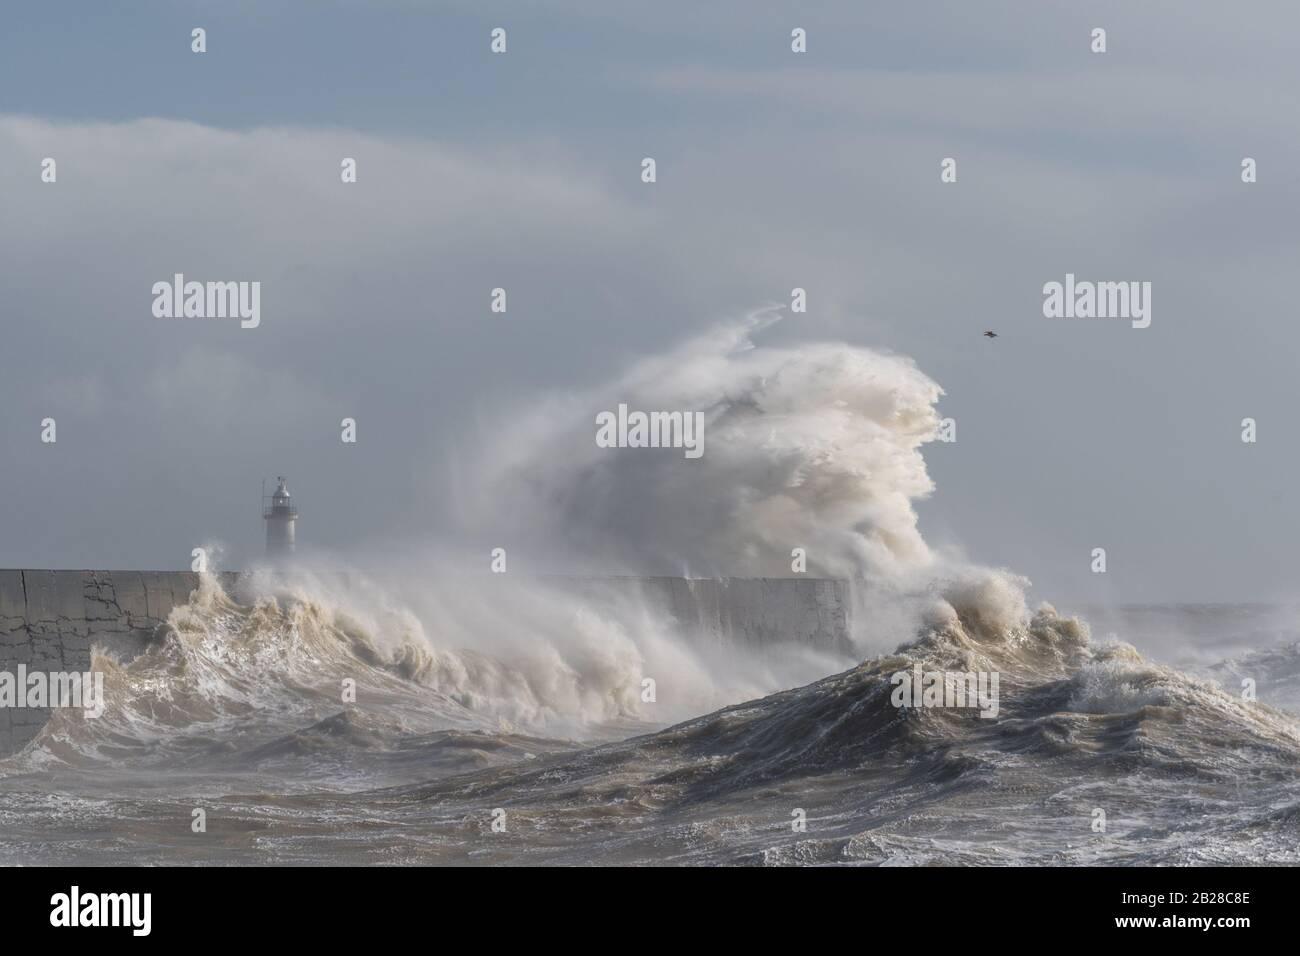 Newhaven, Sussex del este el 29 de febrero de 2020. Tormenta Jorge batters Inglaterra trayendo vientos fuertes y fuertes lluvias. Foto de stock